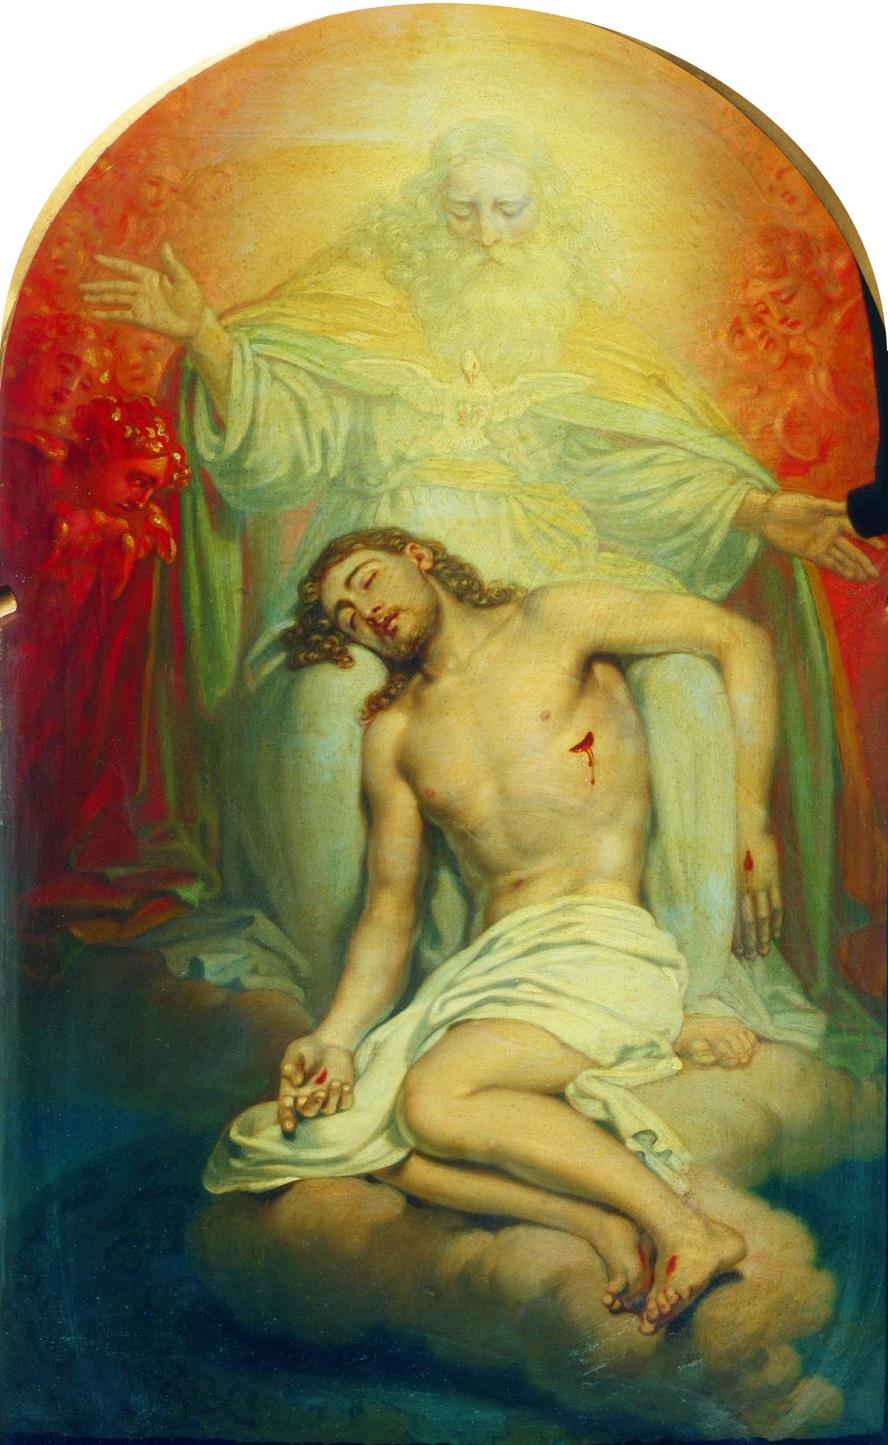 Бог-отец, созерцающий мертвого Христа Государственная Третьяковская галерея, Москва